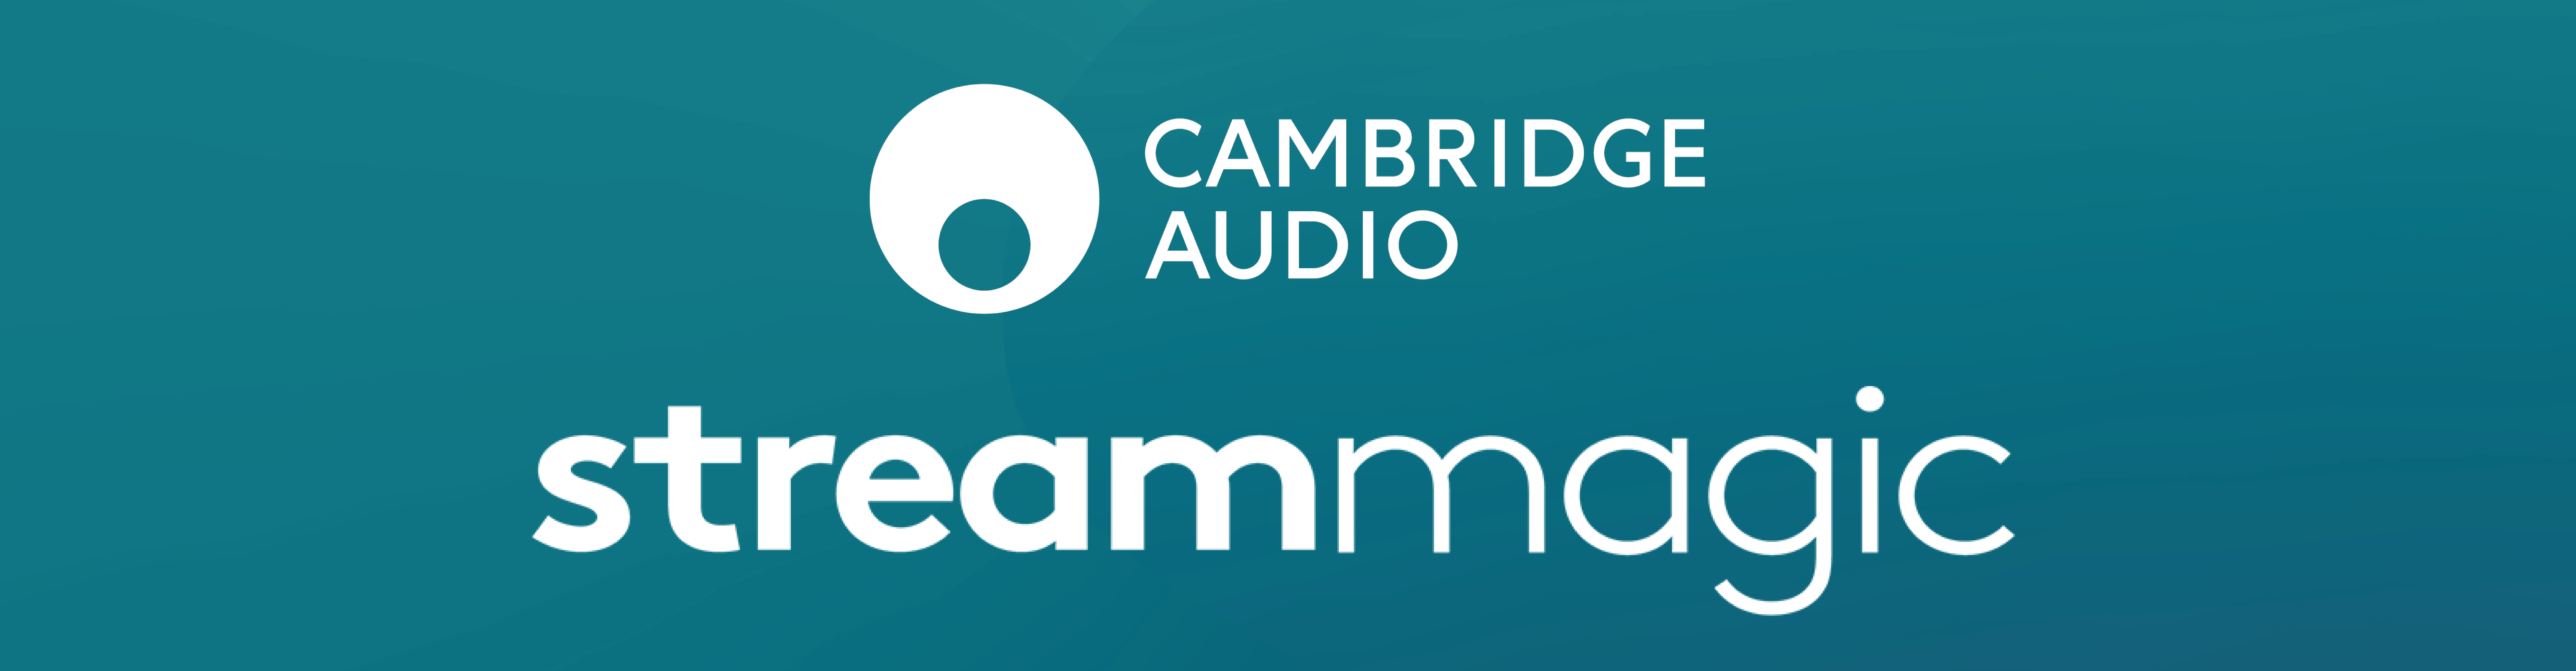 Cambridge audio streammagic